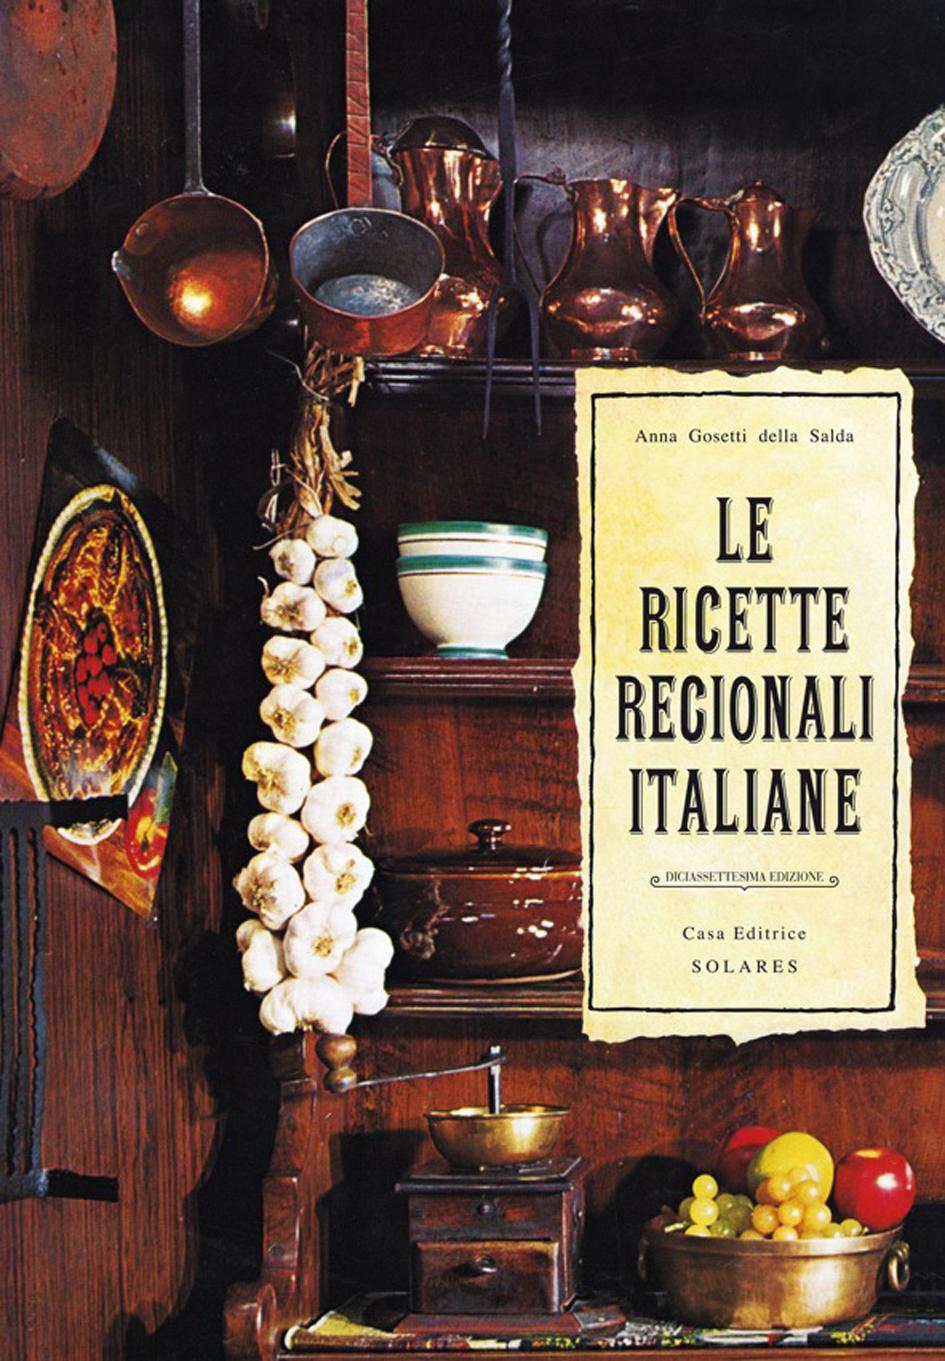 Adriano salvi le ricette regionali italiane di anna for Ricette regionali